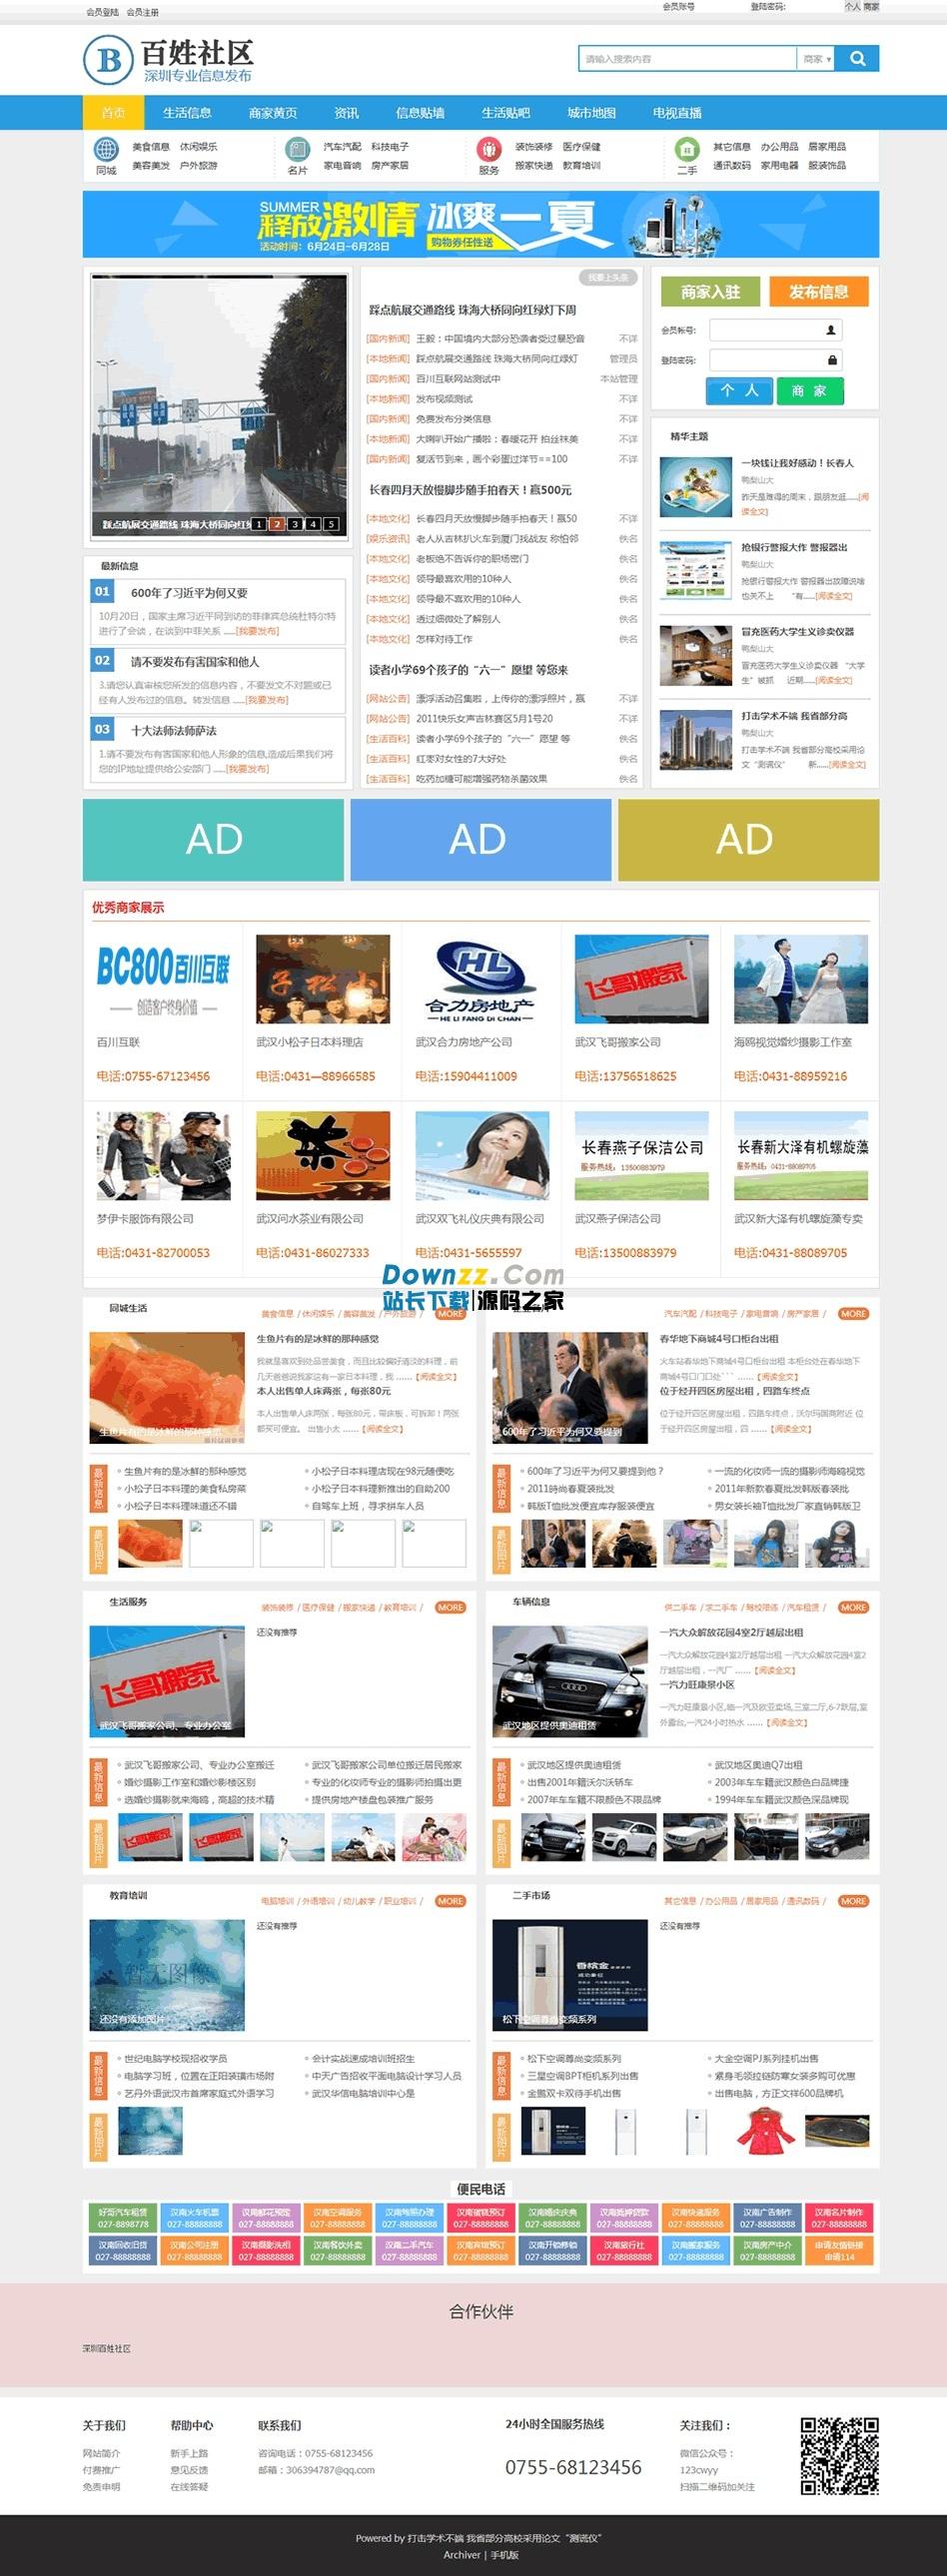 深圳社区信息门户网 v6.5